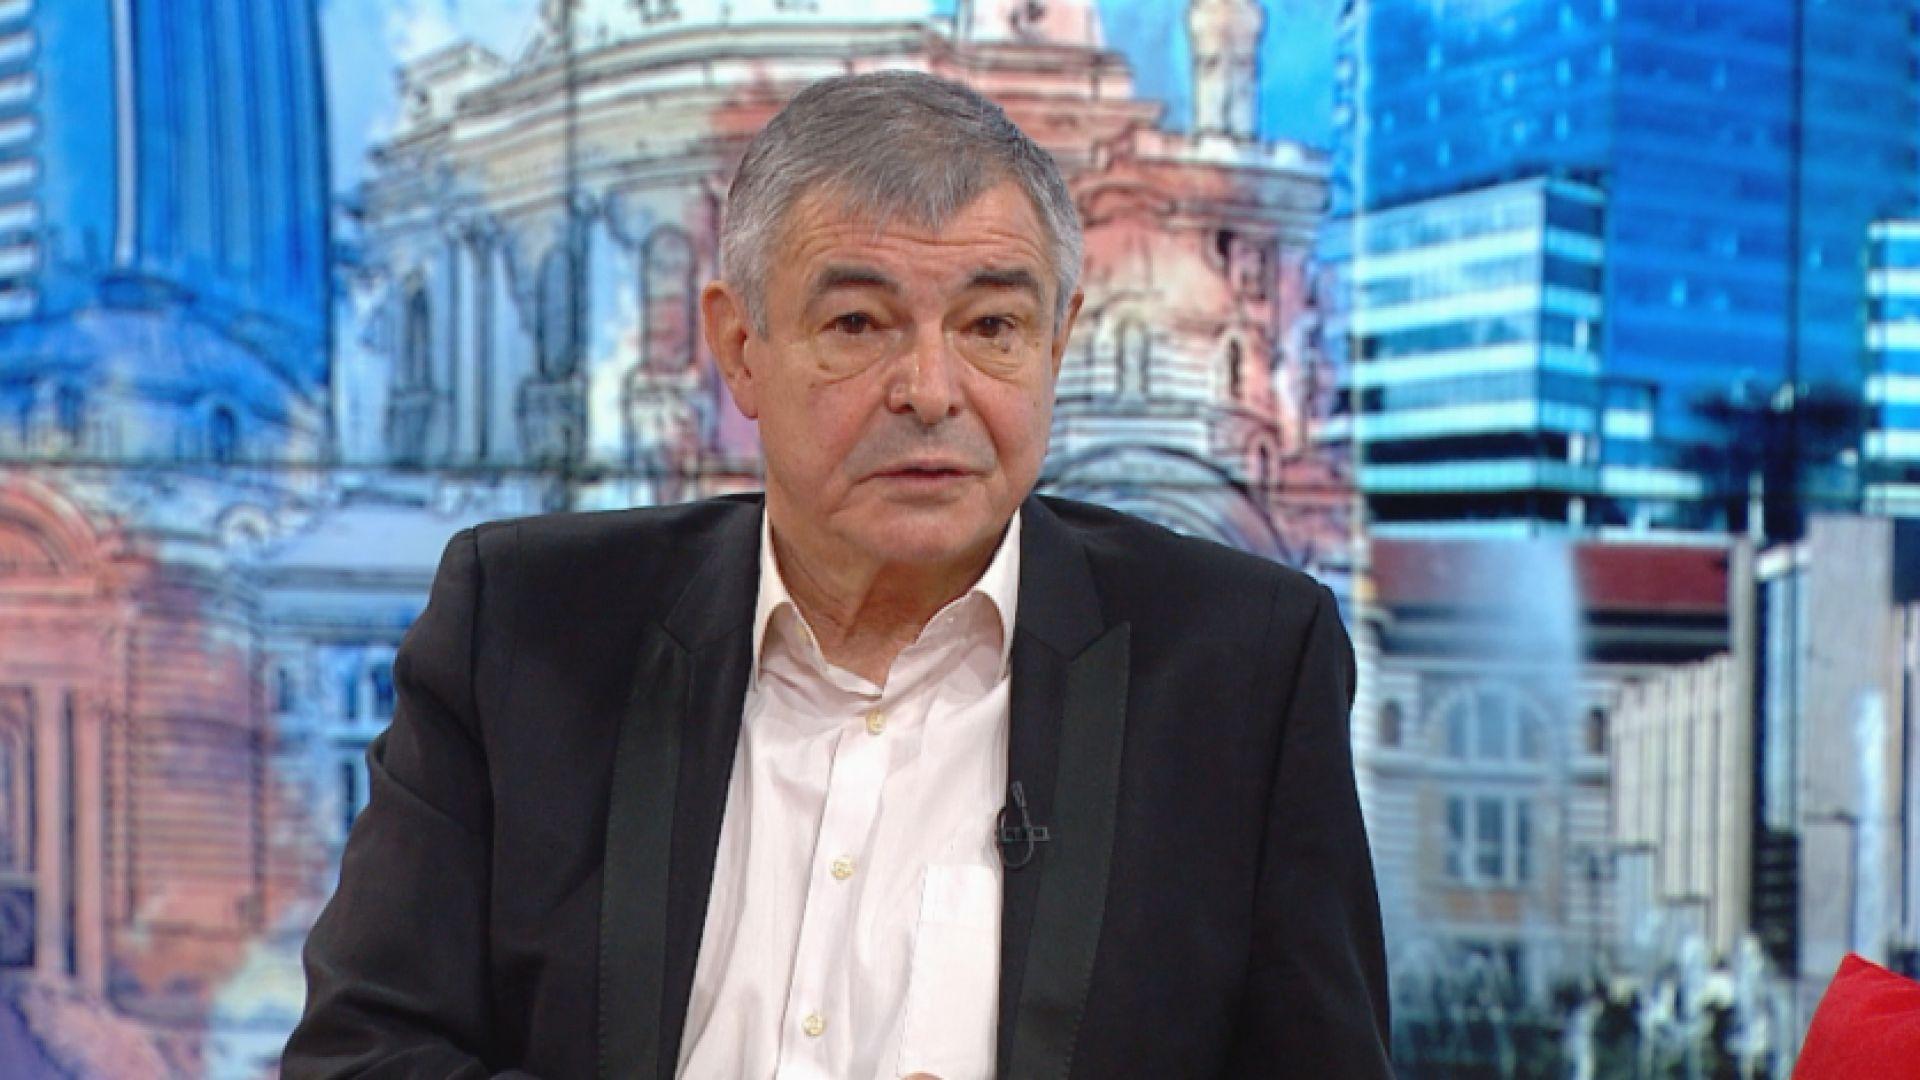 Стефан Софиянски: Вече е срамно да си гербаджия в очите на нормалните хора